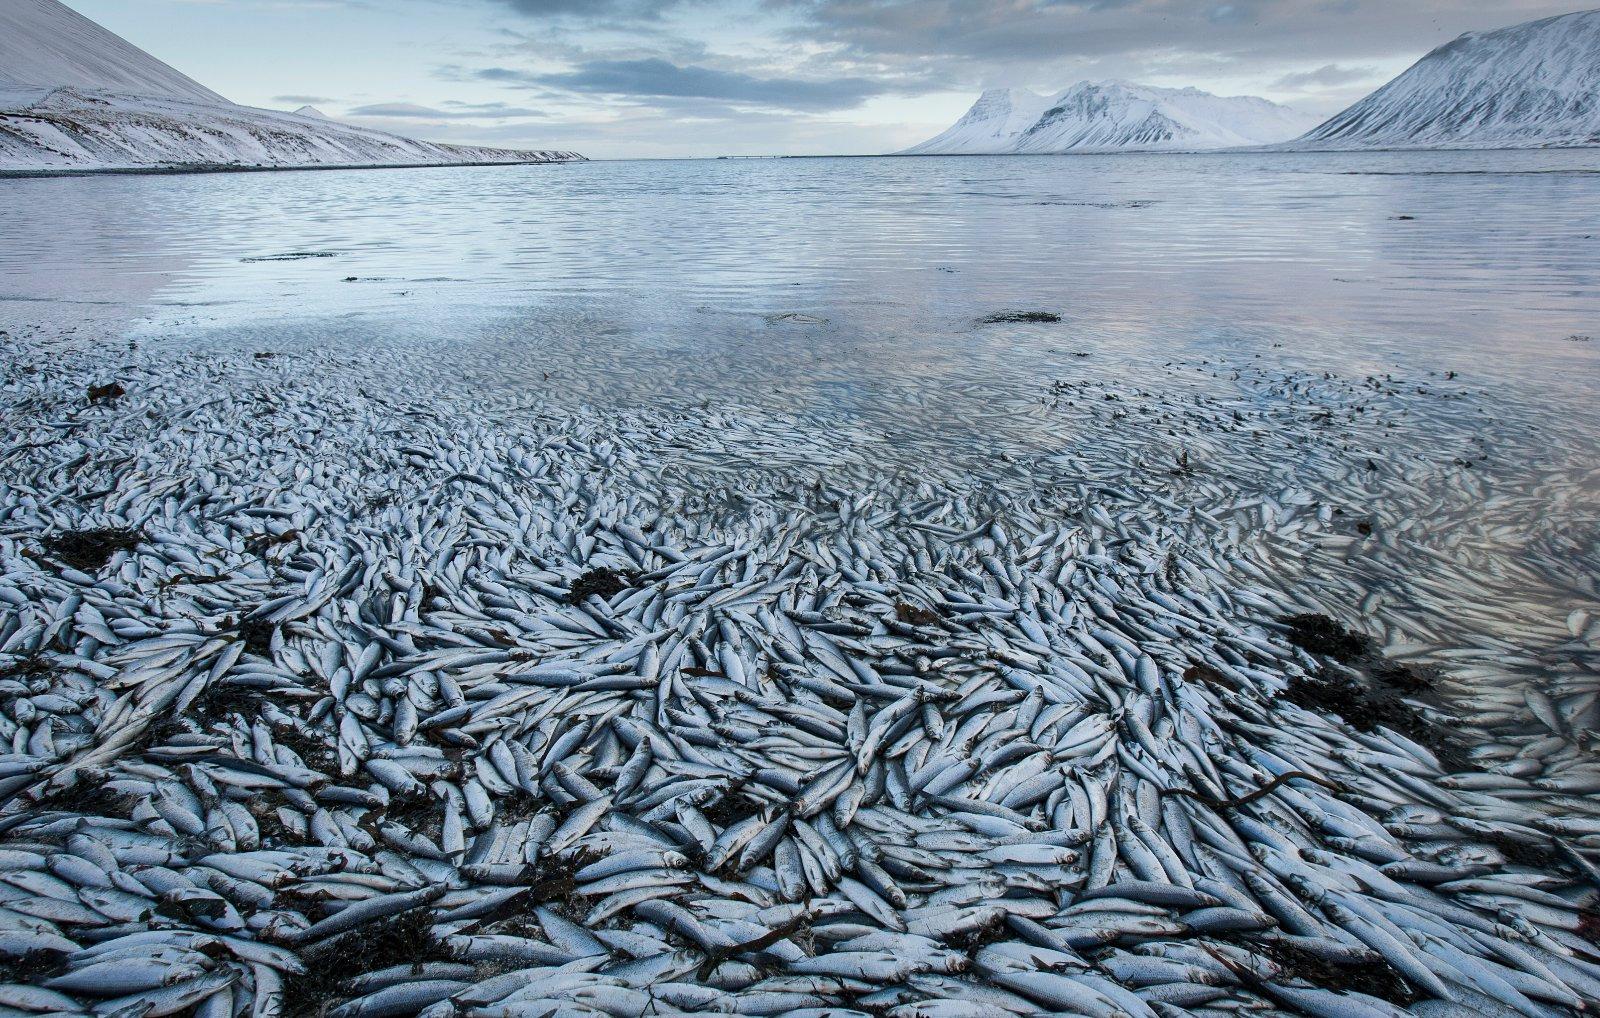 Iceland Fish Deaths (AP Photo/Brynjar Gauti)